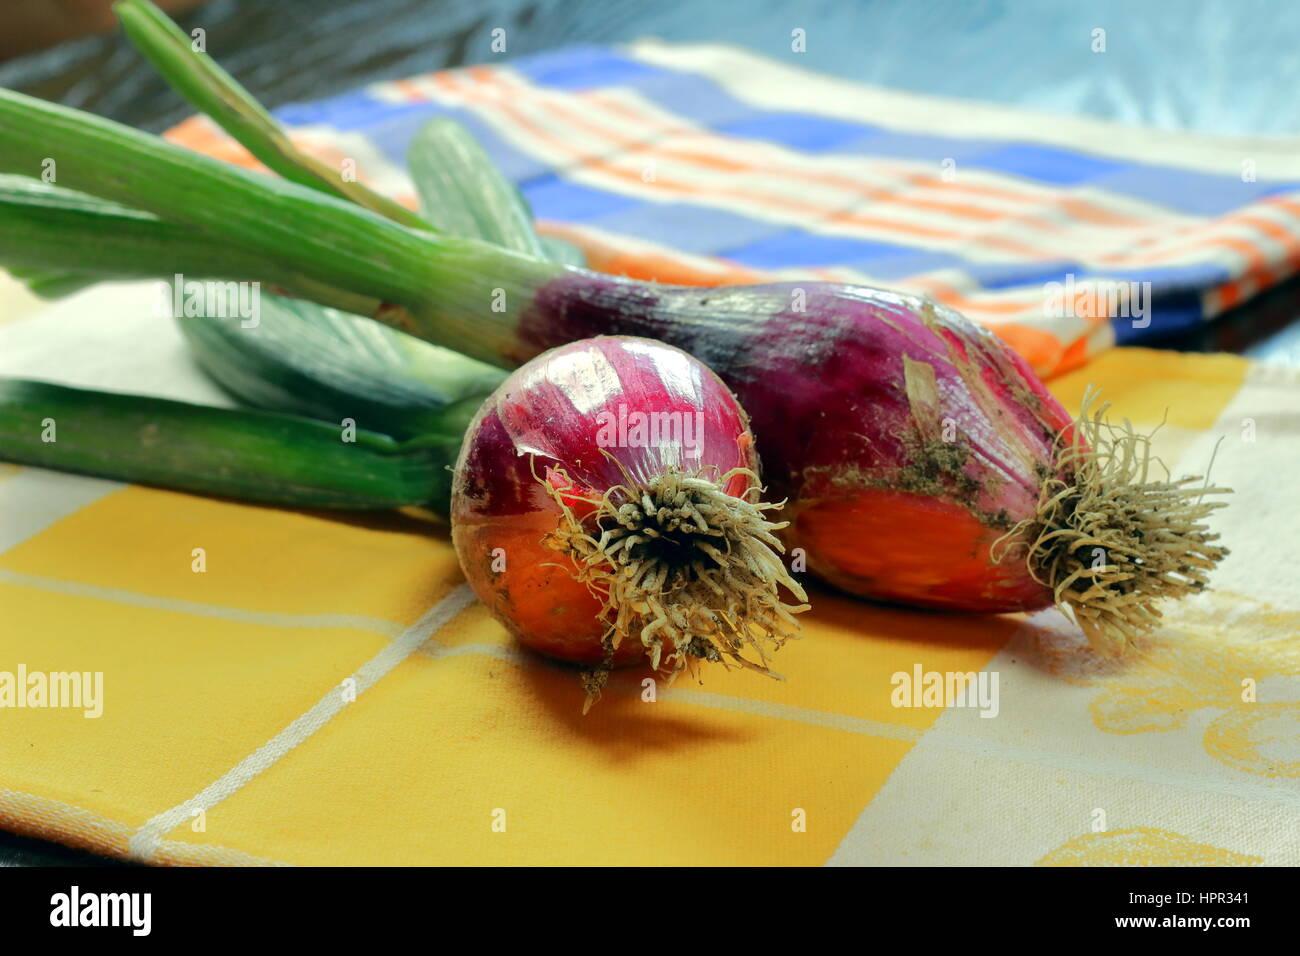 Bio rohe rote Birne Zwiebel auf bunte Küchentücher liegen auf dunklen Holztisch - selektiven Fokus, Bokeh Stockbild